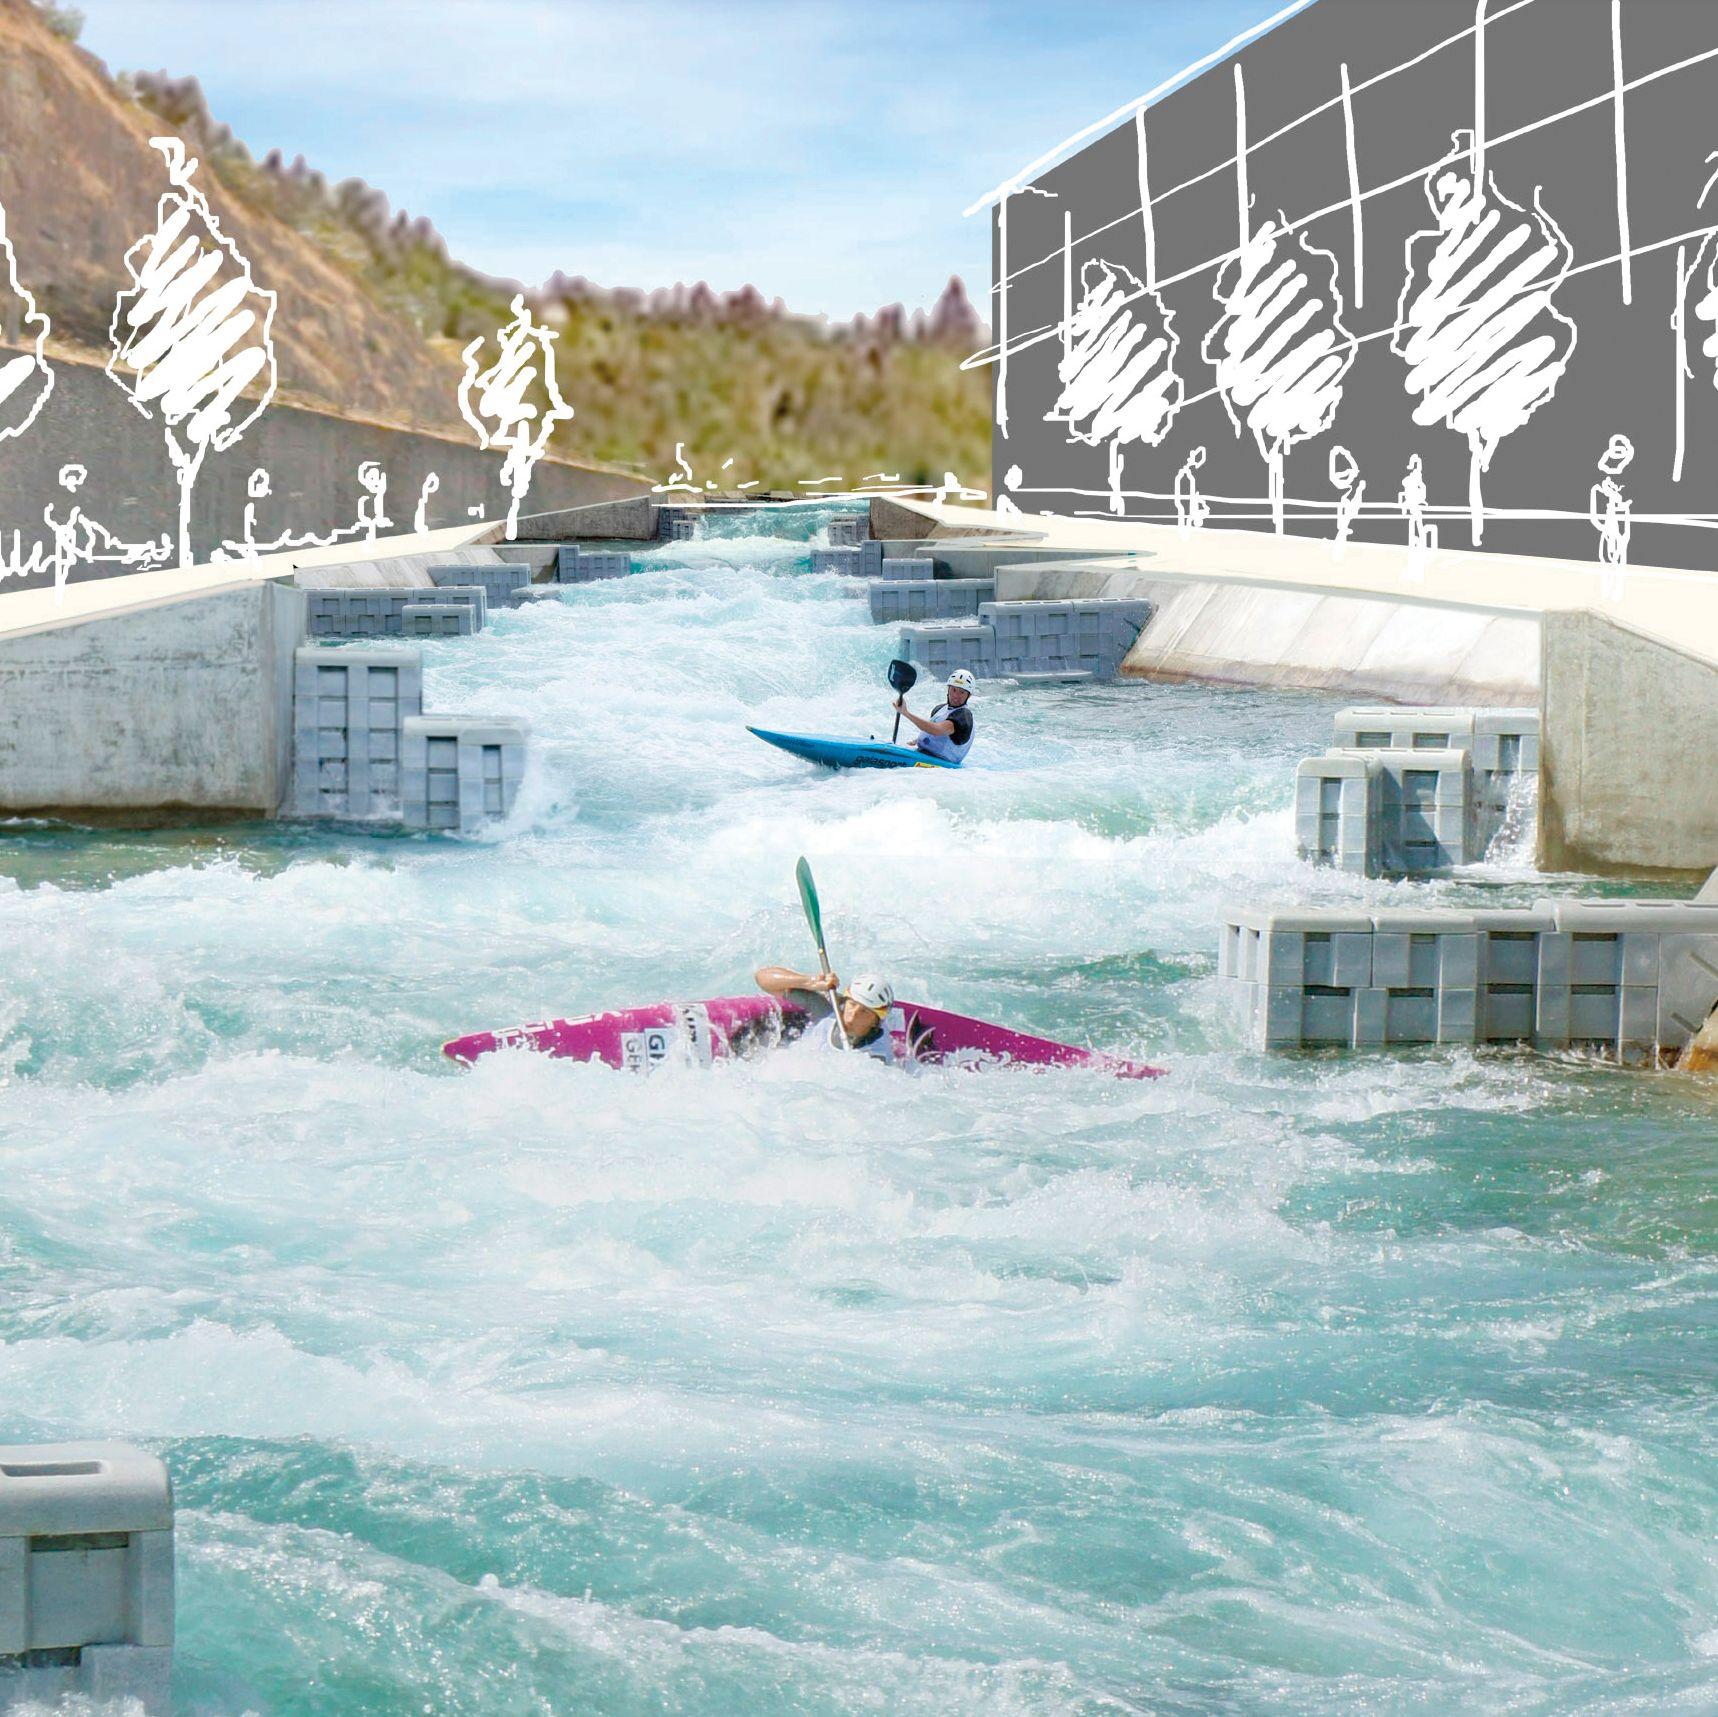 Pomo 0716 willamette falls water park rendering jkheaq